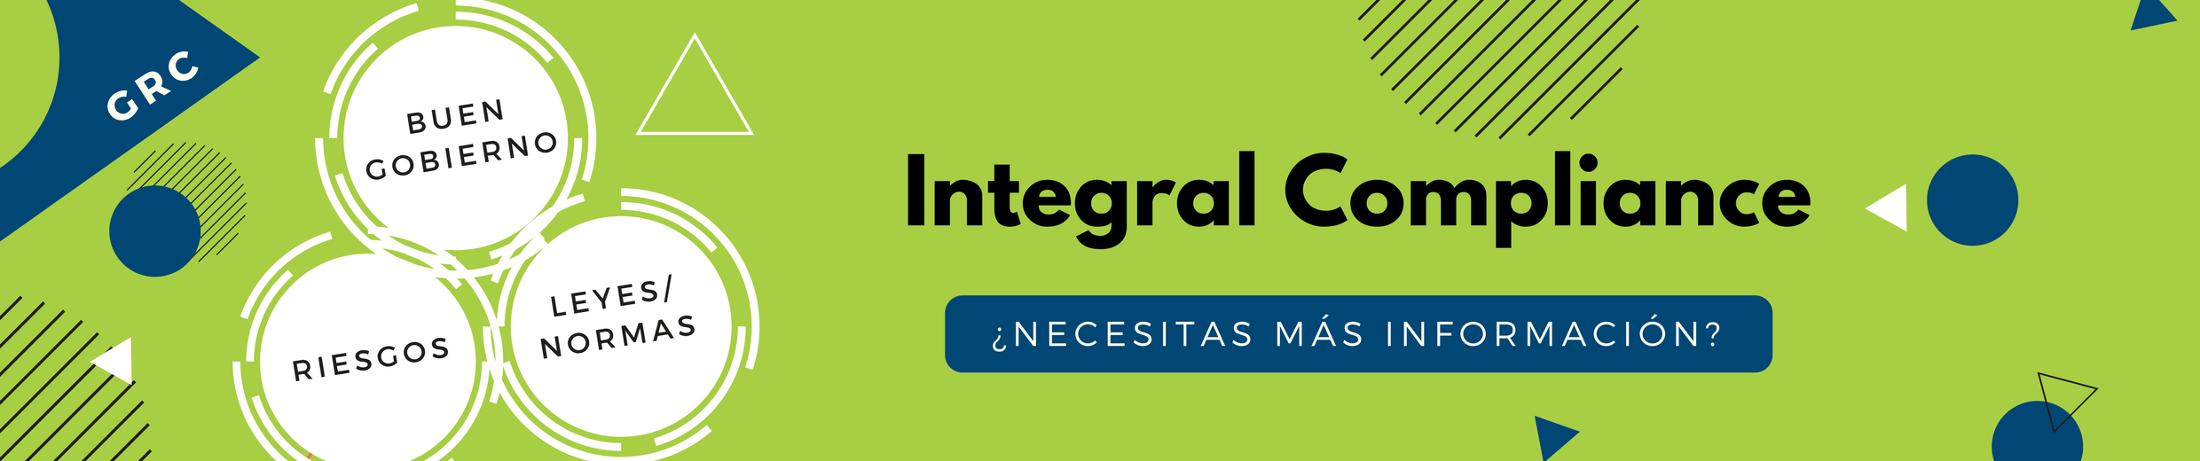 Integral Compliance cibernos